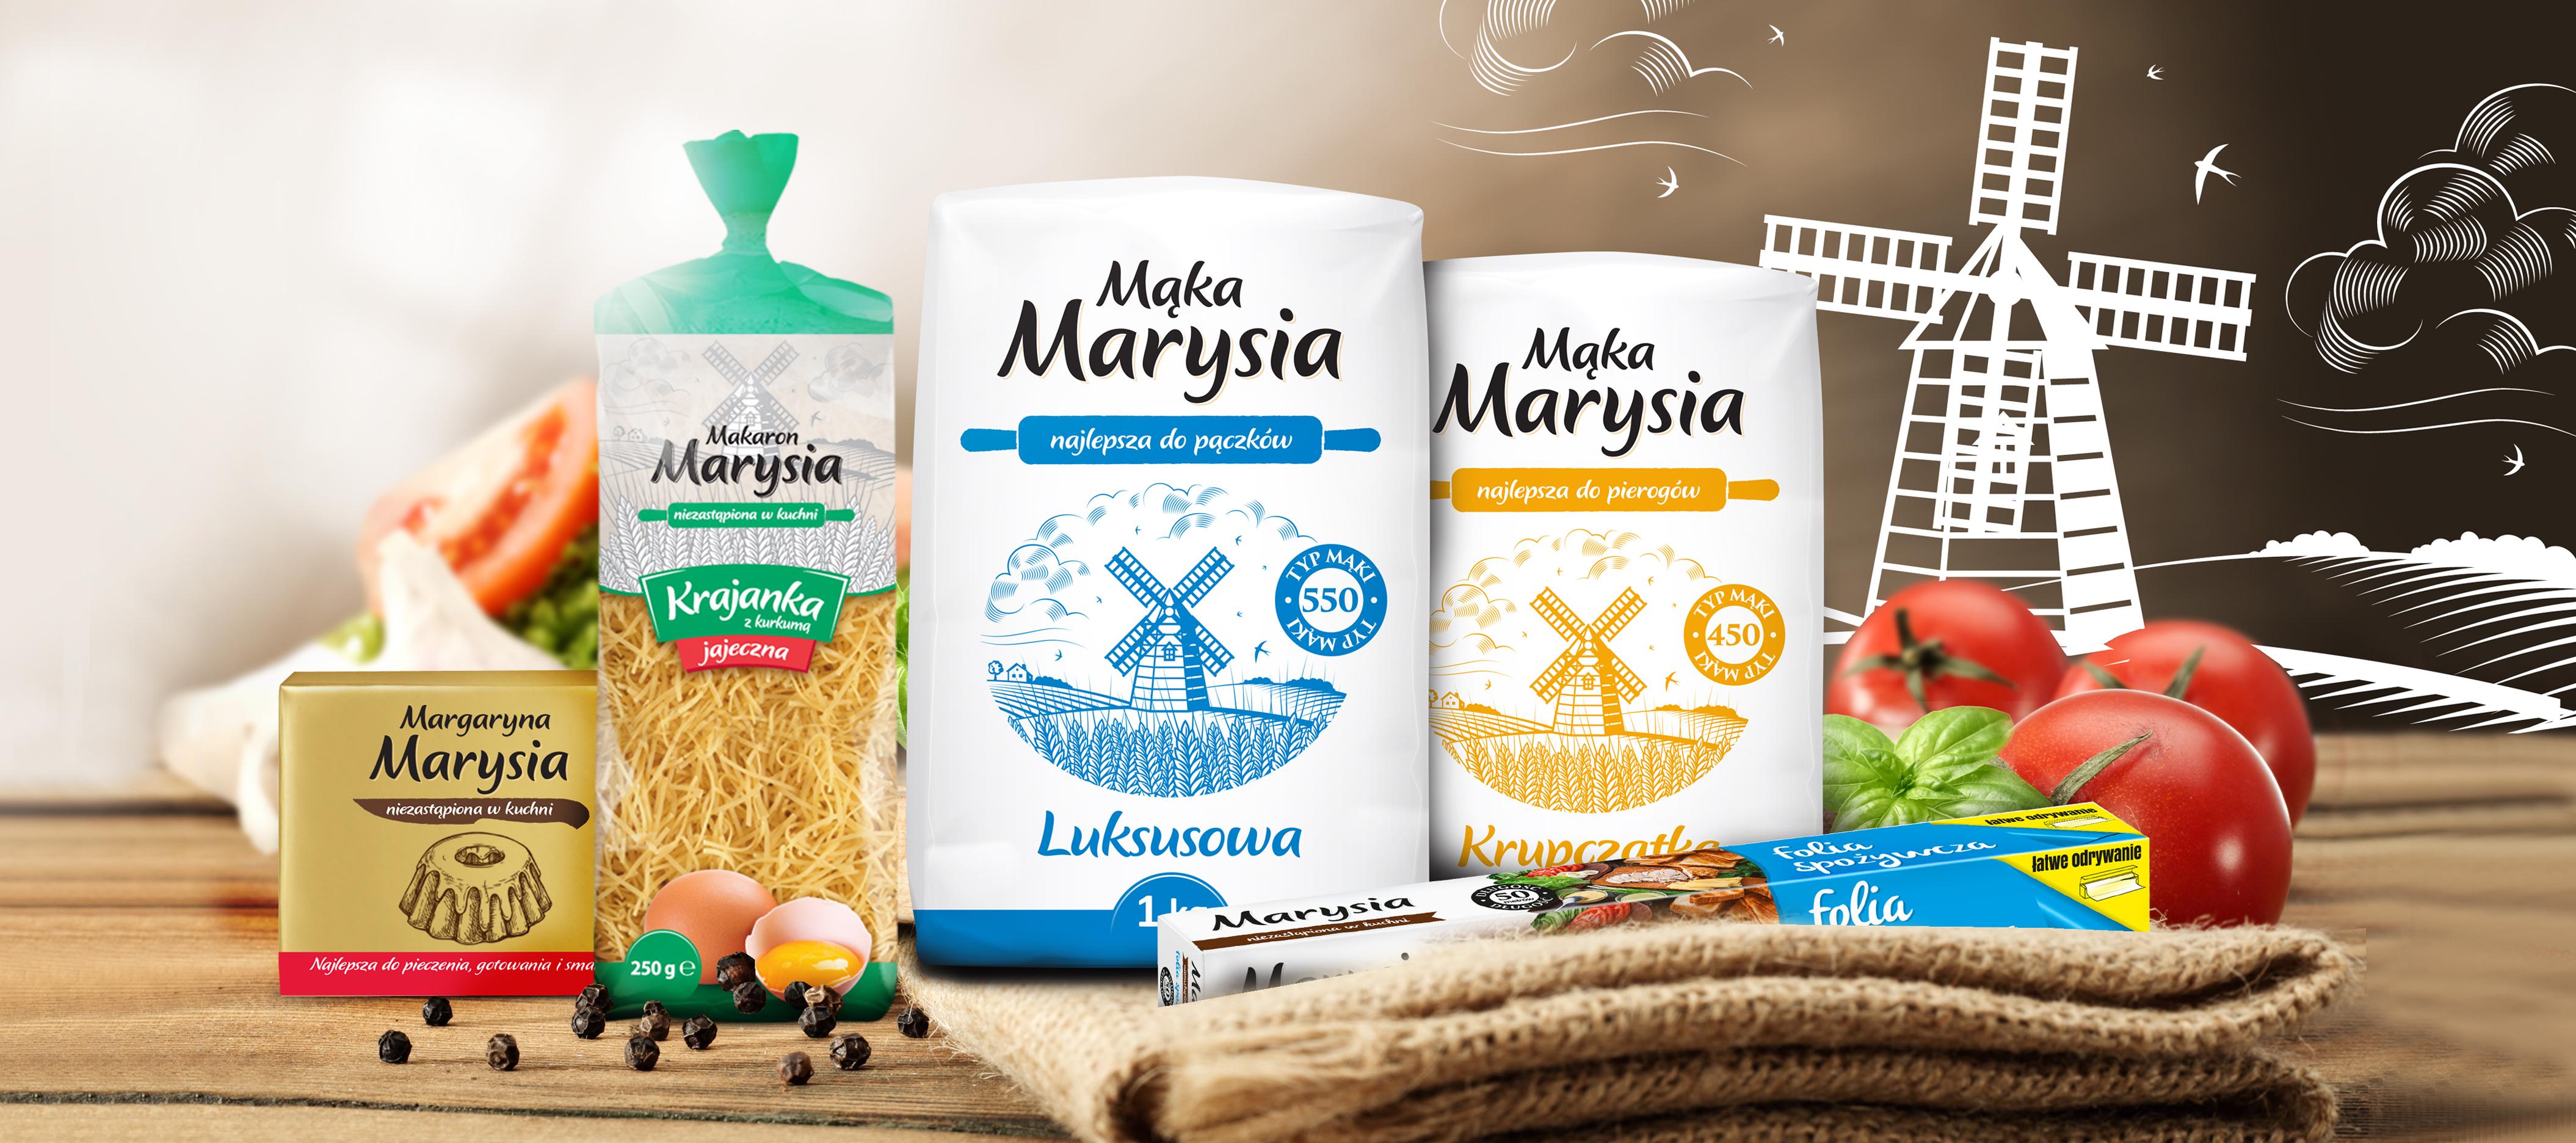 Agencja MDI Group kreuje marki dla Polomarketu